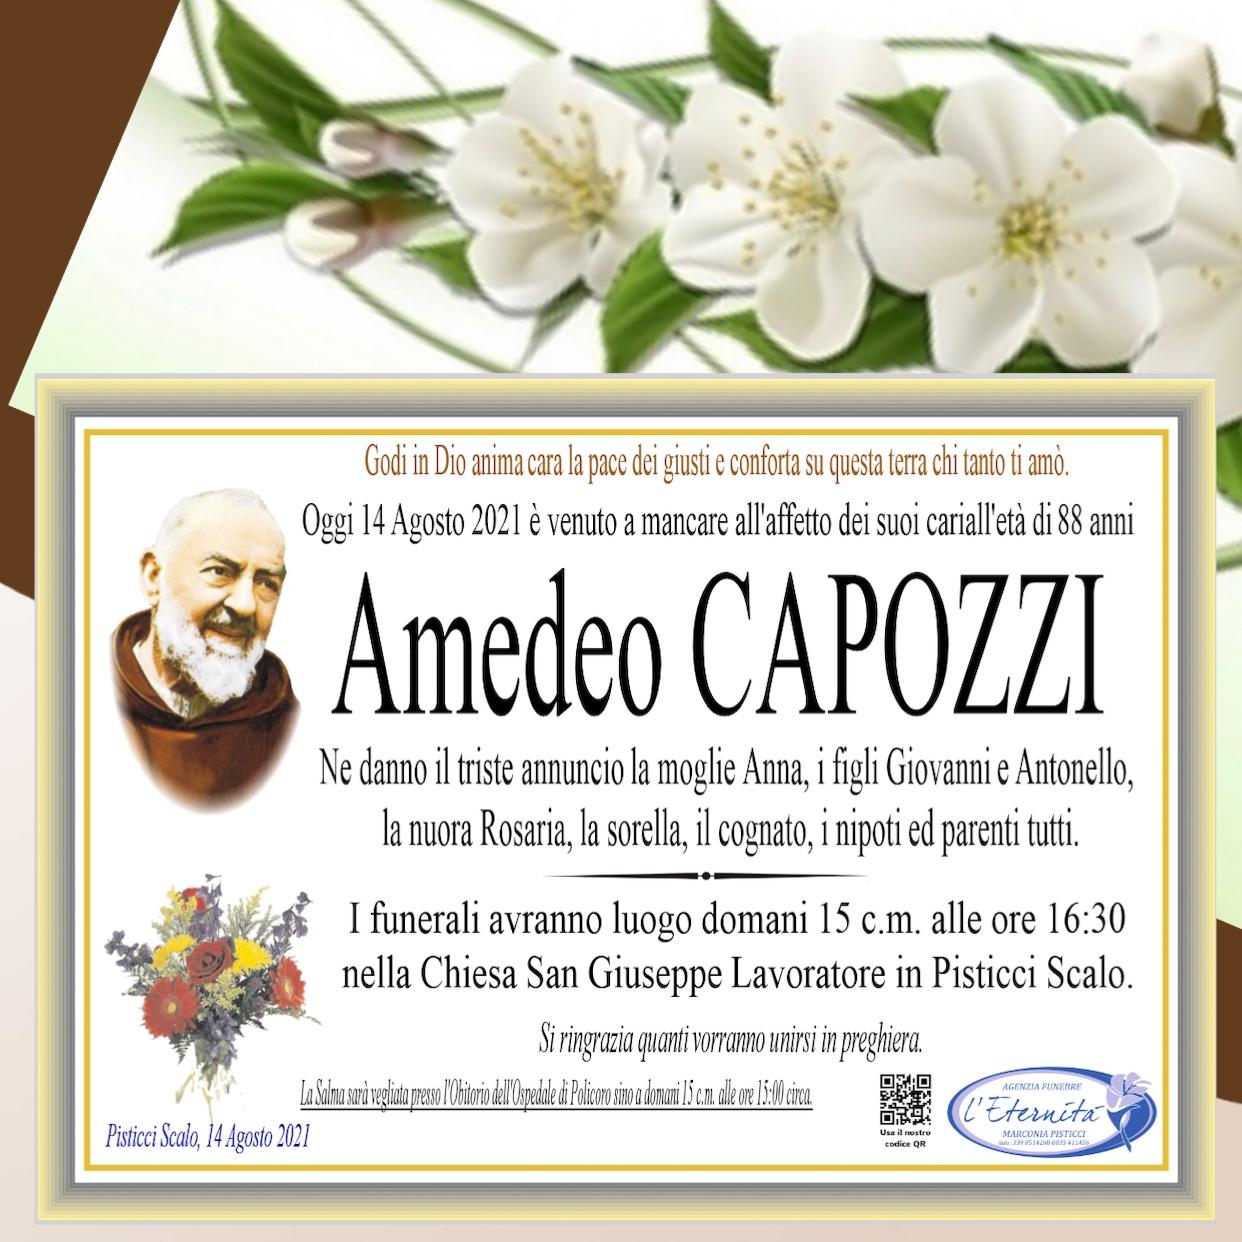 Amedeo CAPOZZI